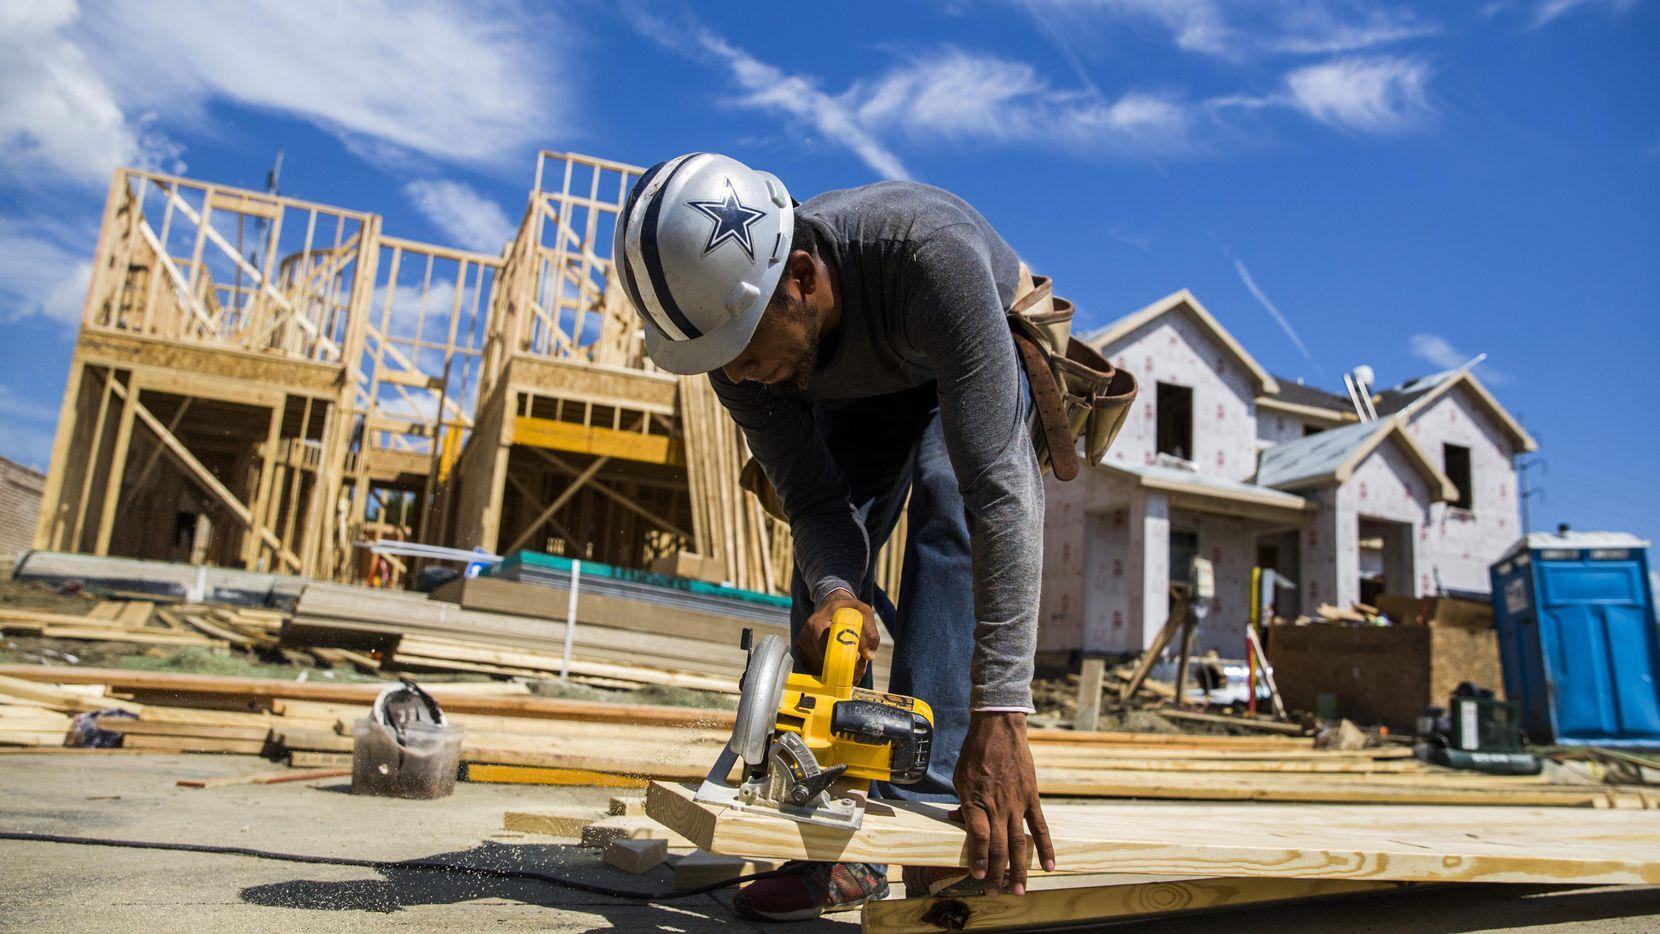 Eric Vásquez prepara tablones para una nueva casa en Las Colinas, el verano pasado. En Dallas hay un déficit de al menos 20,000 trabajadores de la construcción.  ASHLEY LANDIS/DMN